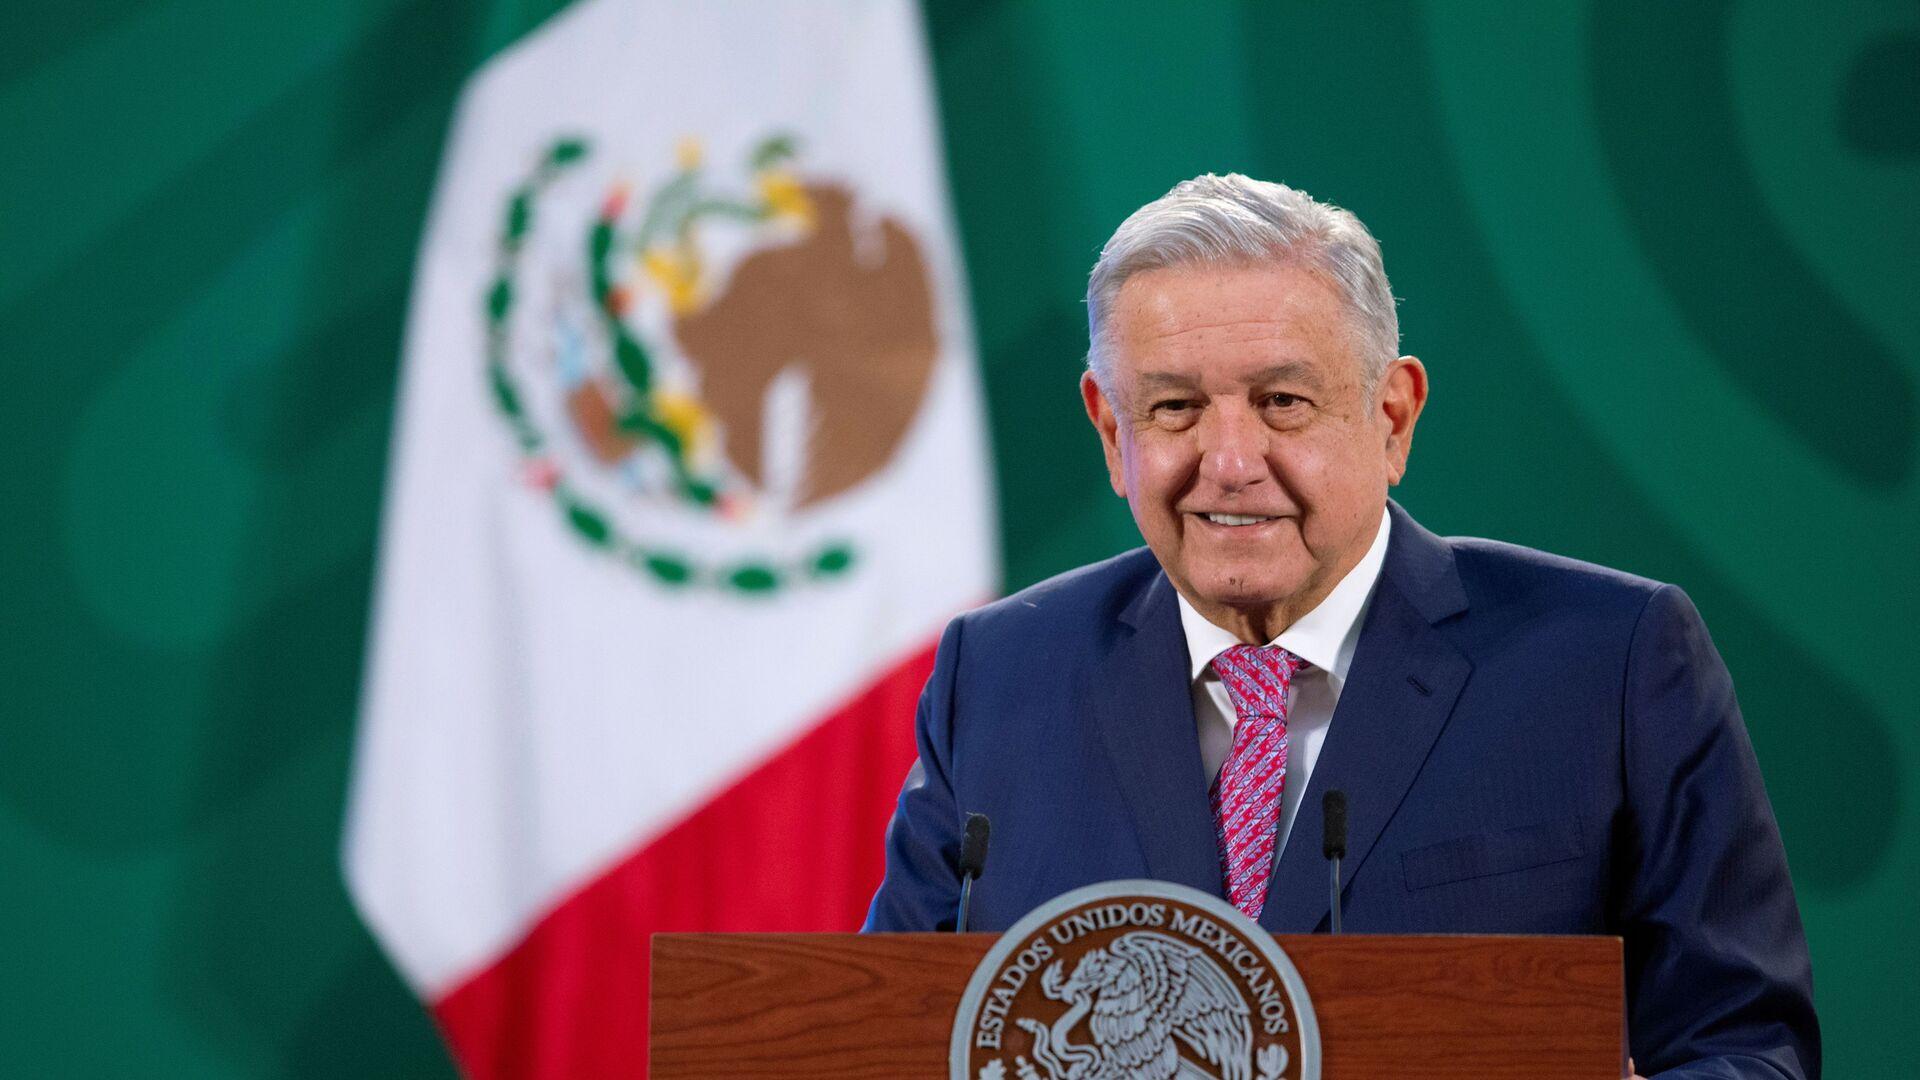 Andrés Manuel López Obrador, presidente de México - Sputnik Mundo, 1920, 09.02.2021